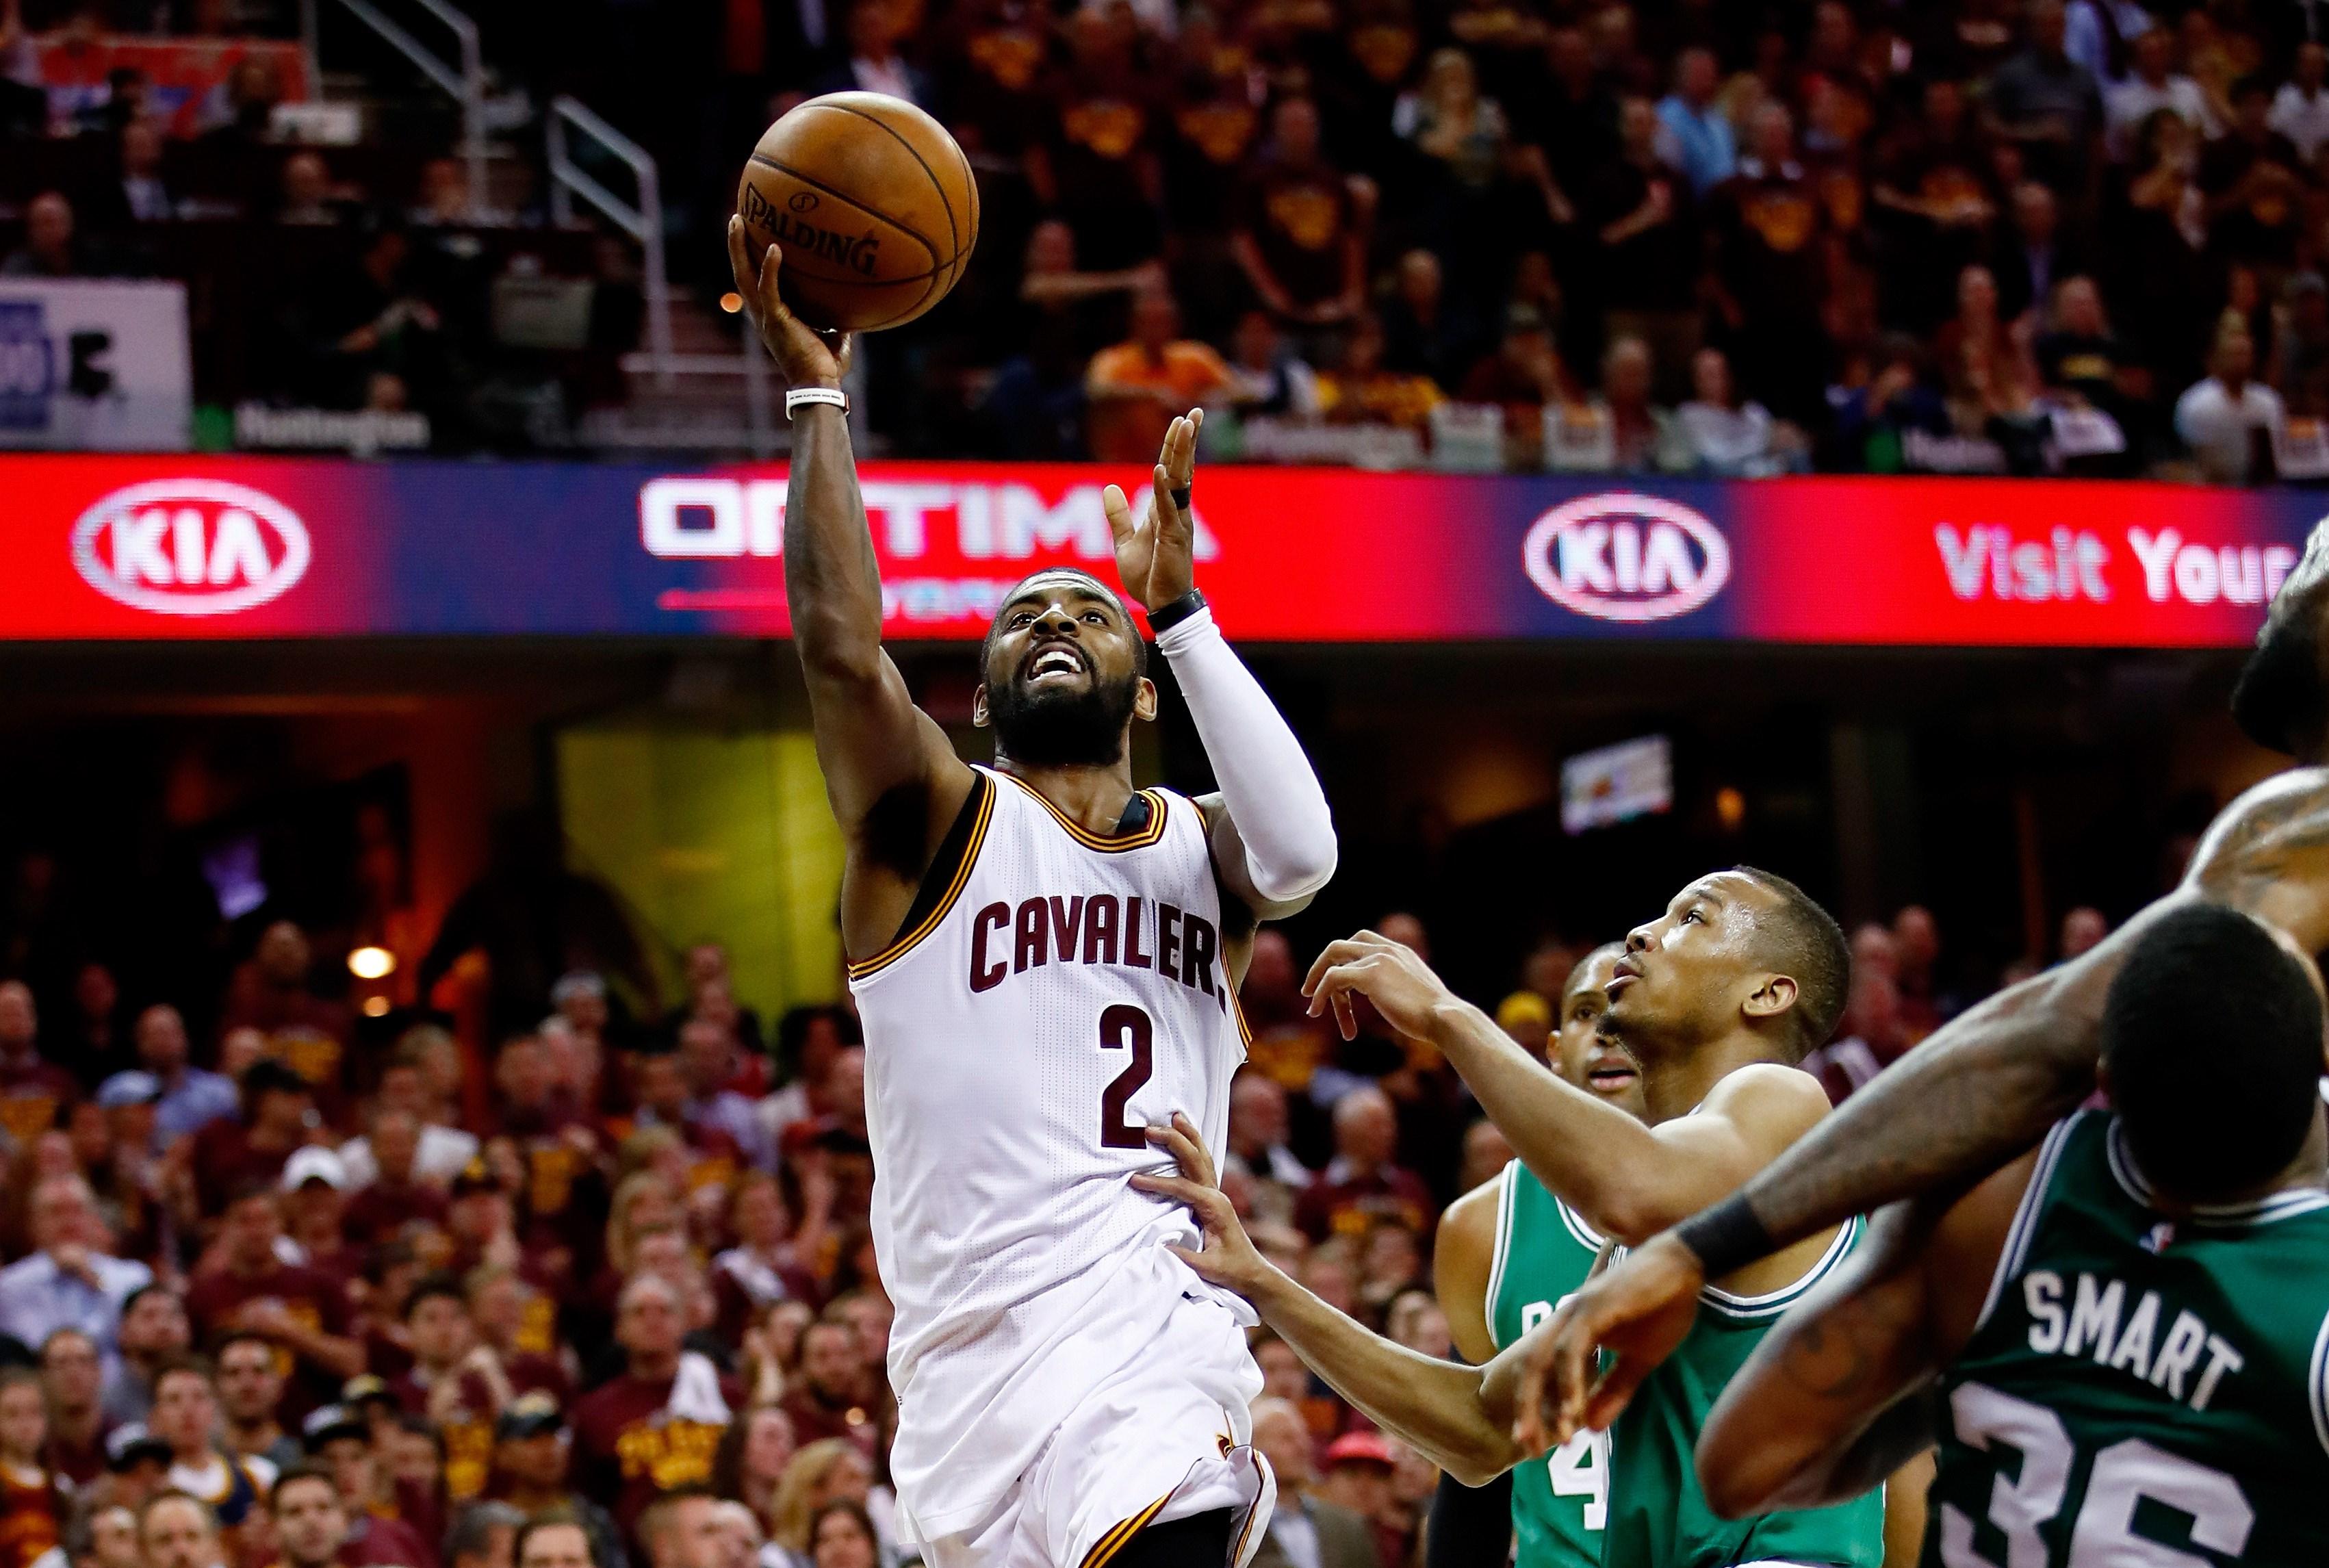 Basket - NBA - Game 4 : Kyrie Irving (42 points) enfile son costume de super-héros et guide les Cavs vers la victoire